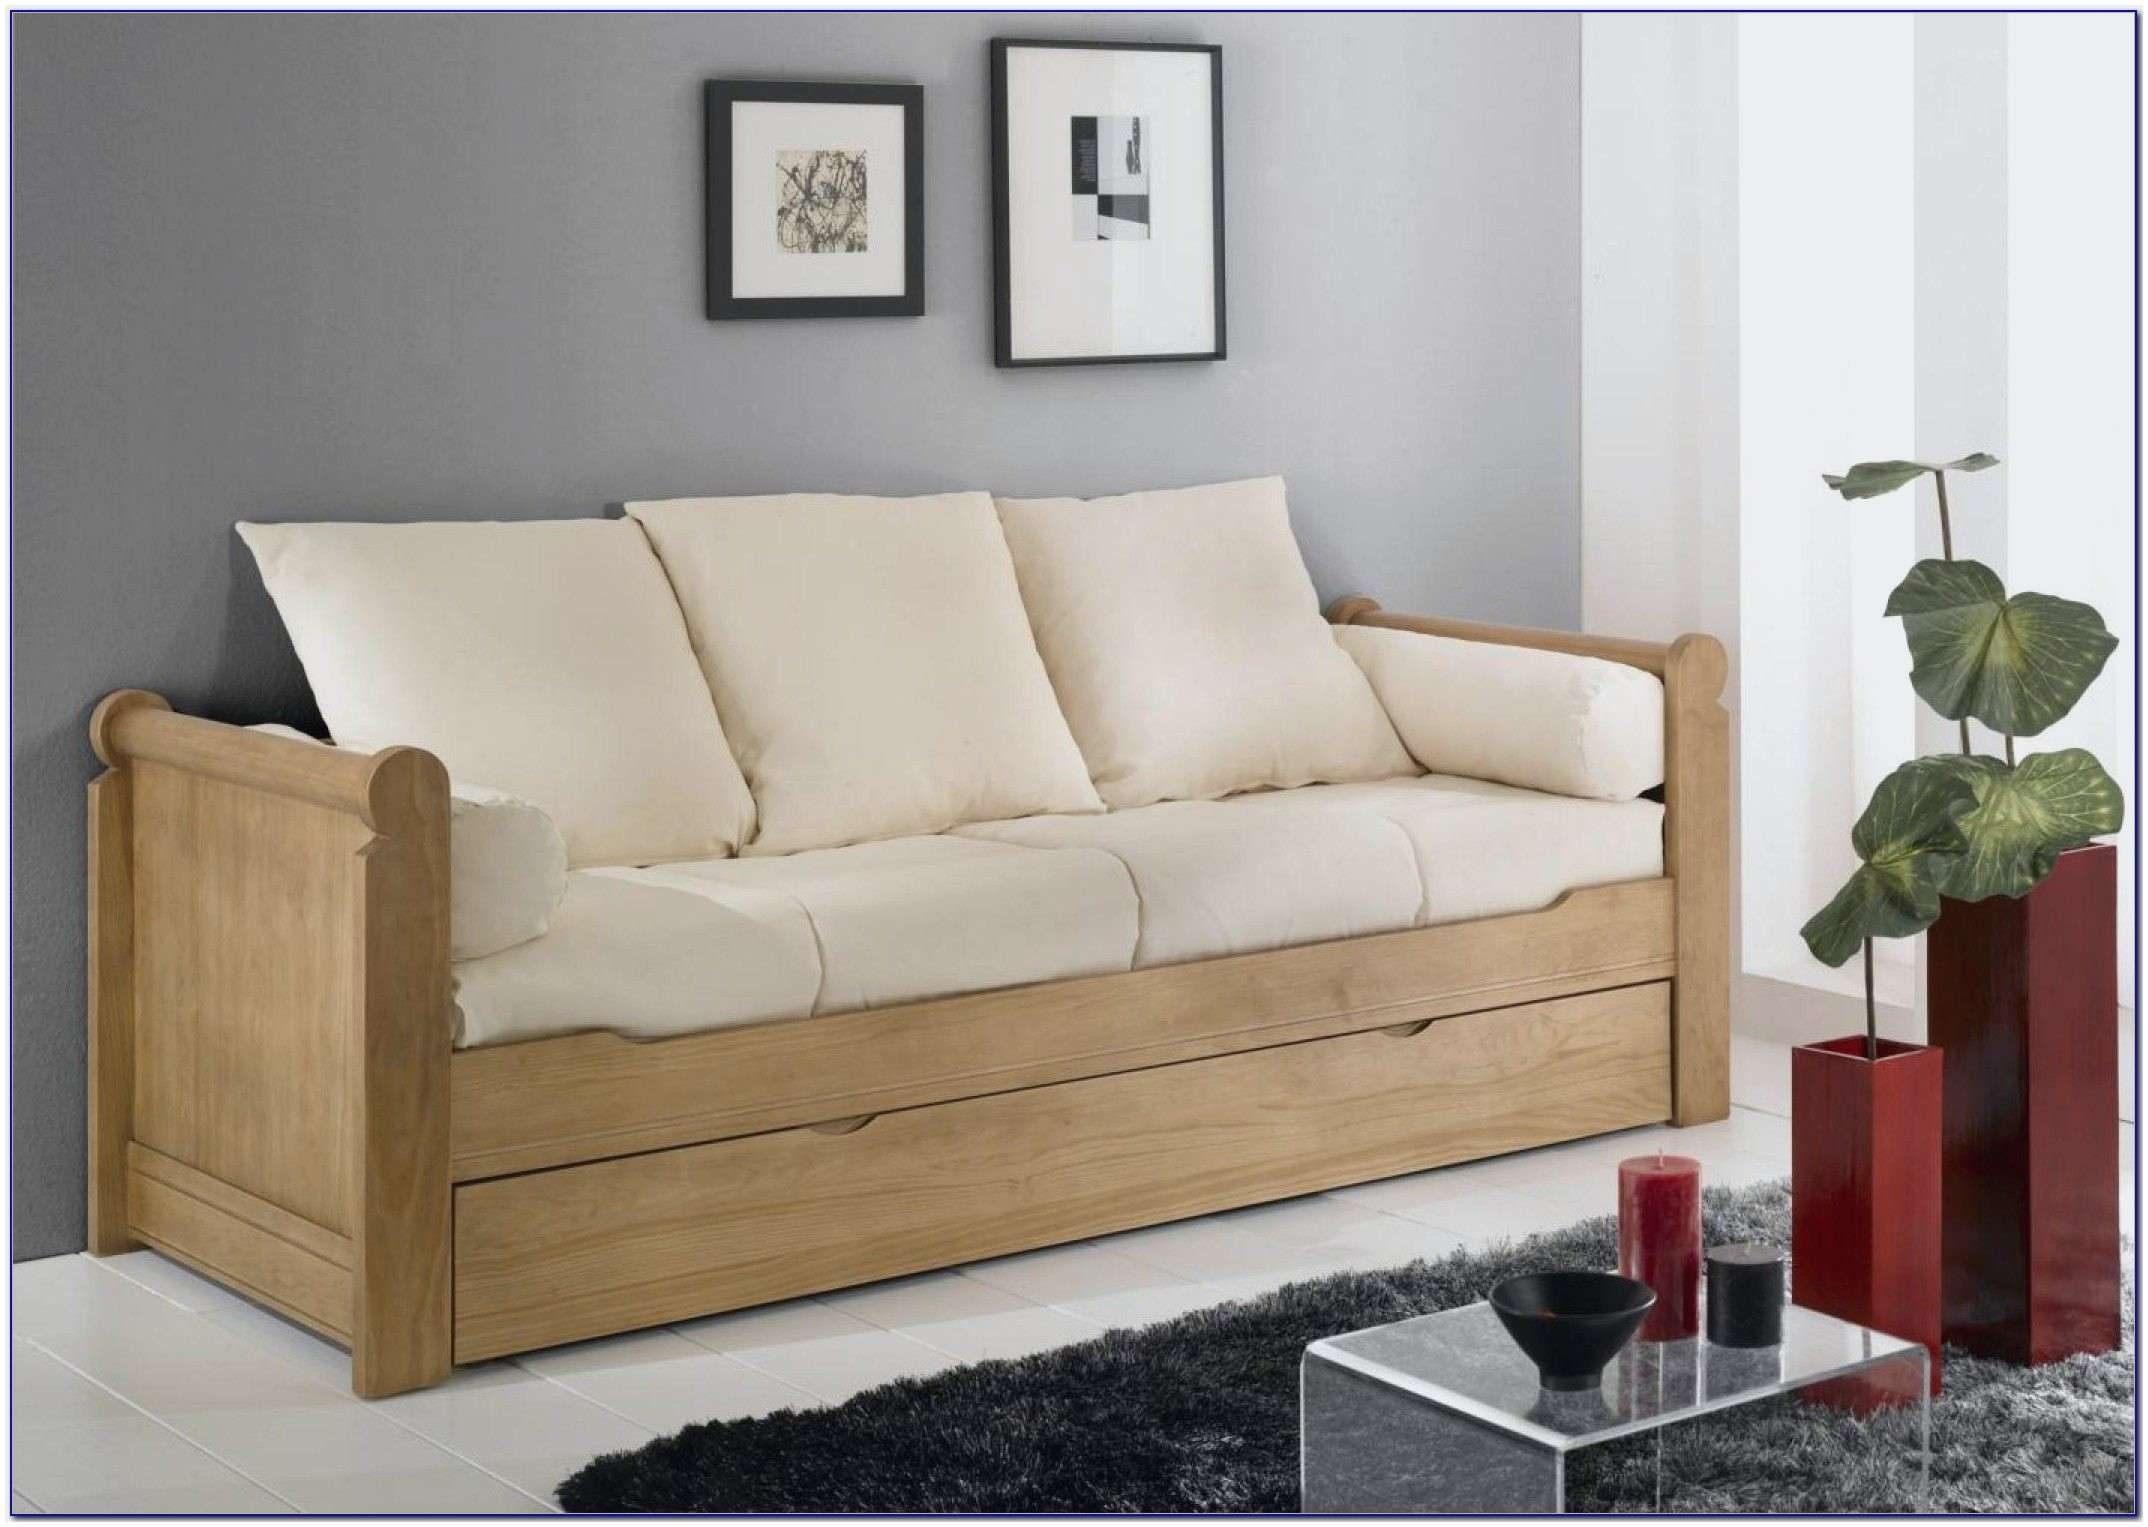 Lit Superposé Ikea 3 Places Fraîche Frais Luxury Canapé Lit Matelas Pour Meilleur Ikea Canapé 2 Places